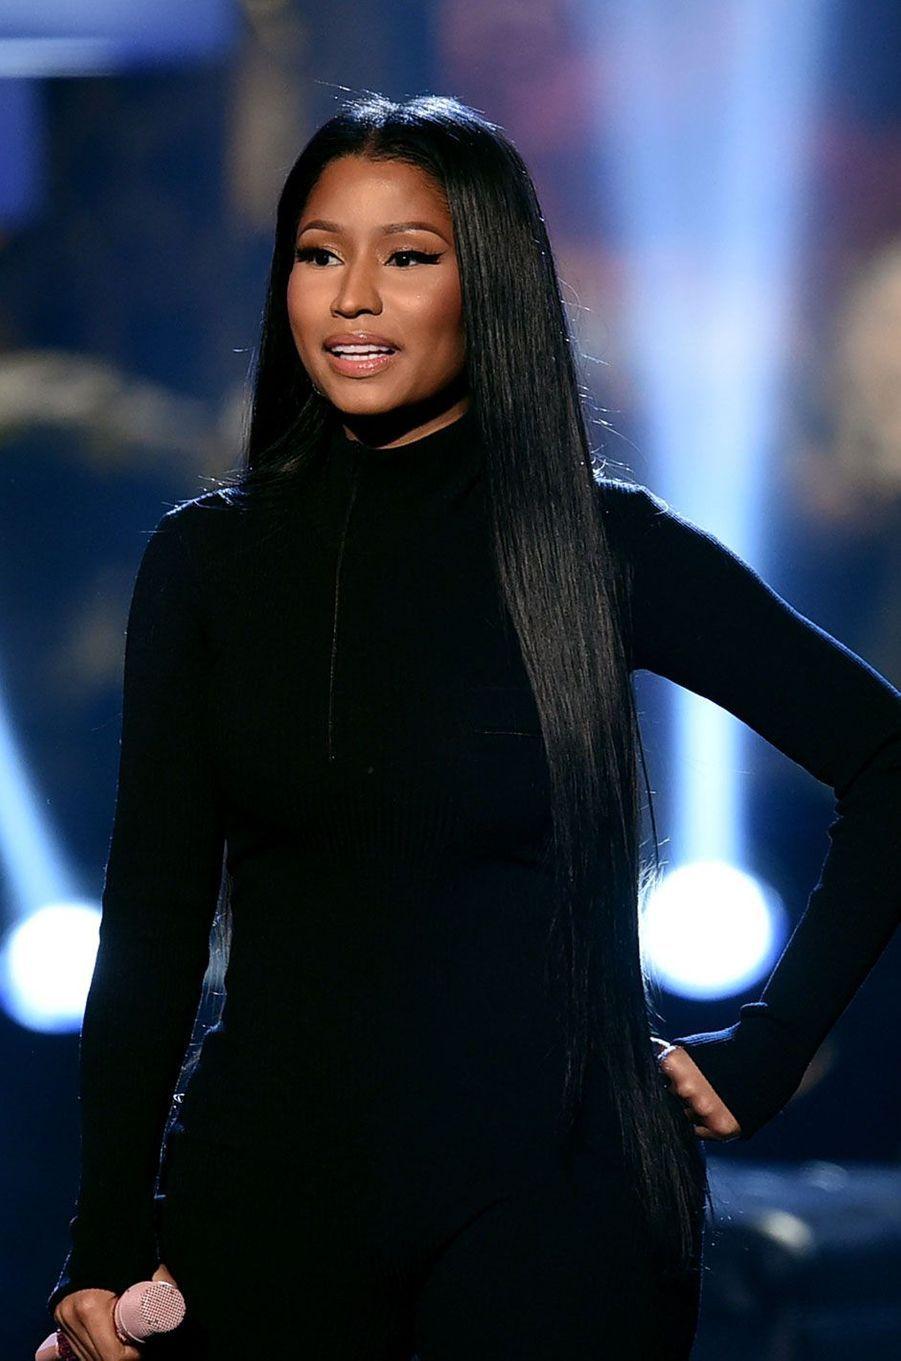 Nicki Minaj s'appelle Onika Tanya Maral